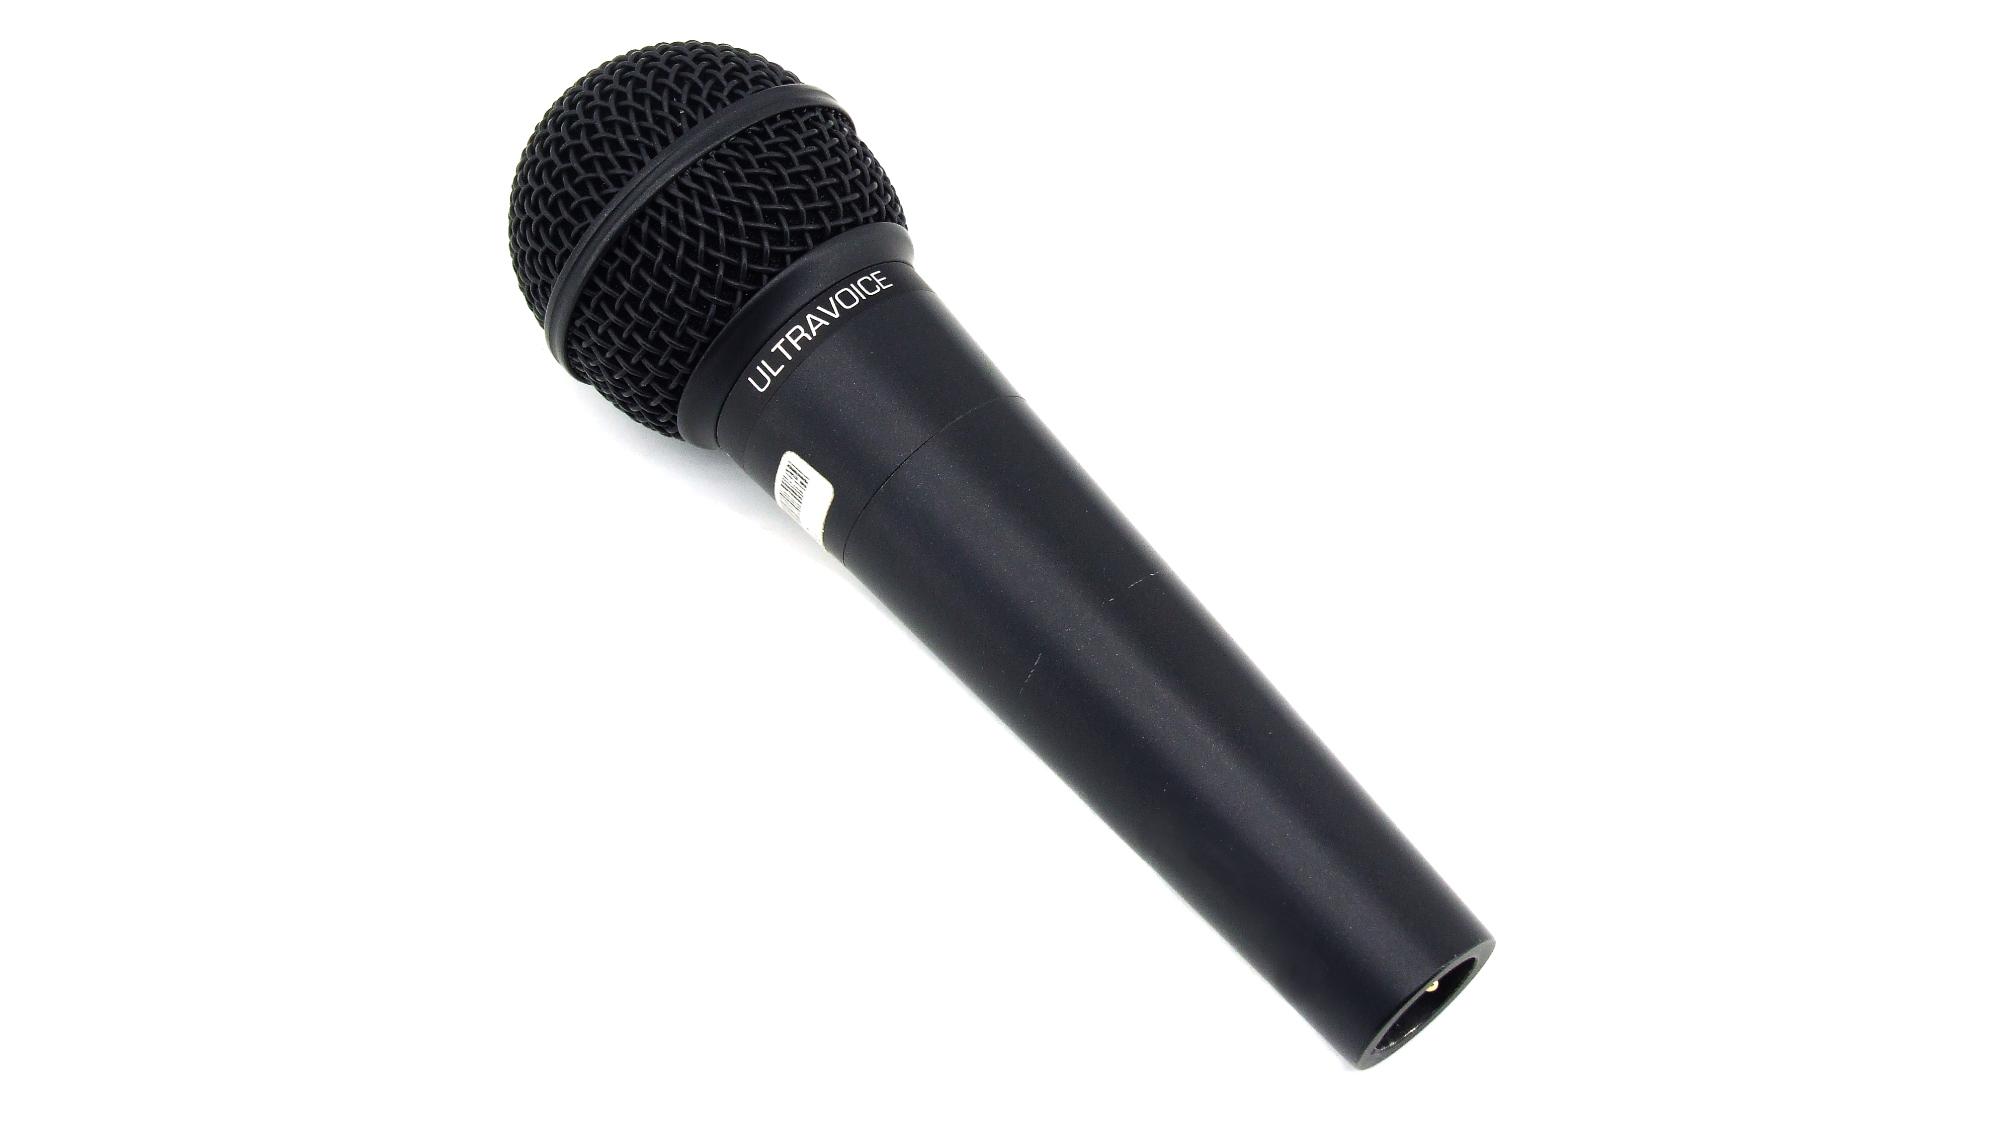 Behringer Mikrofon leihen